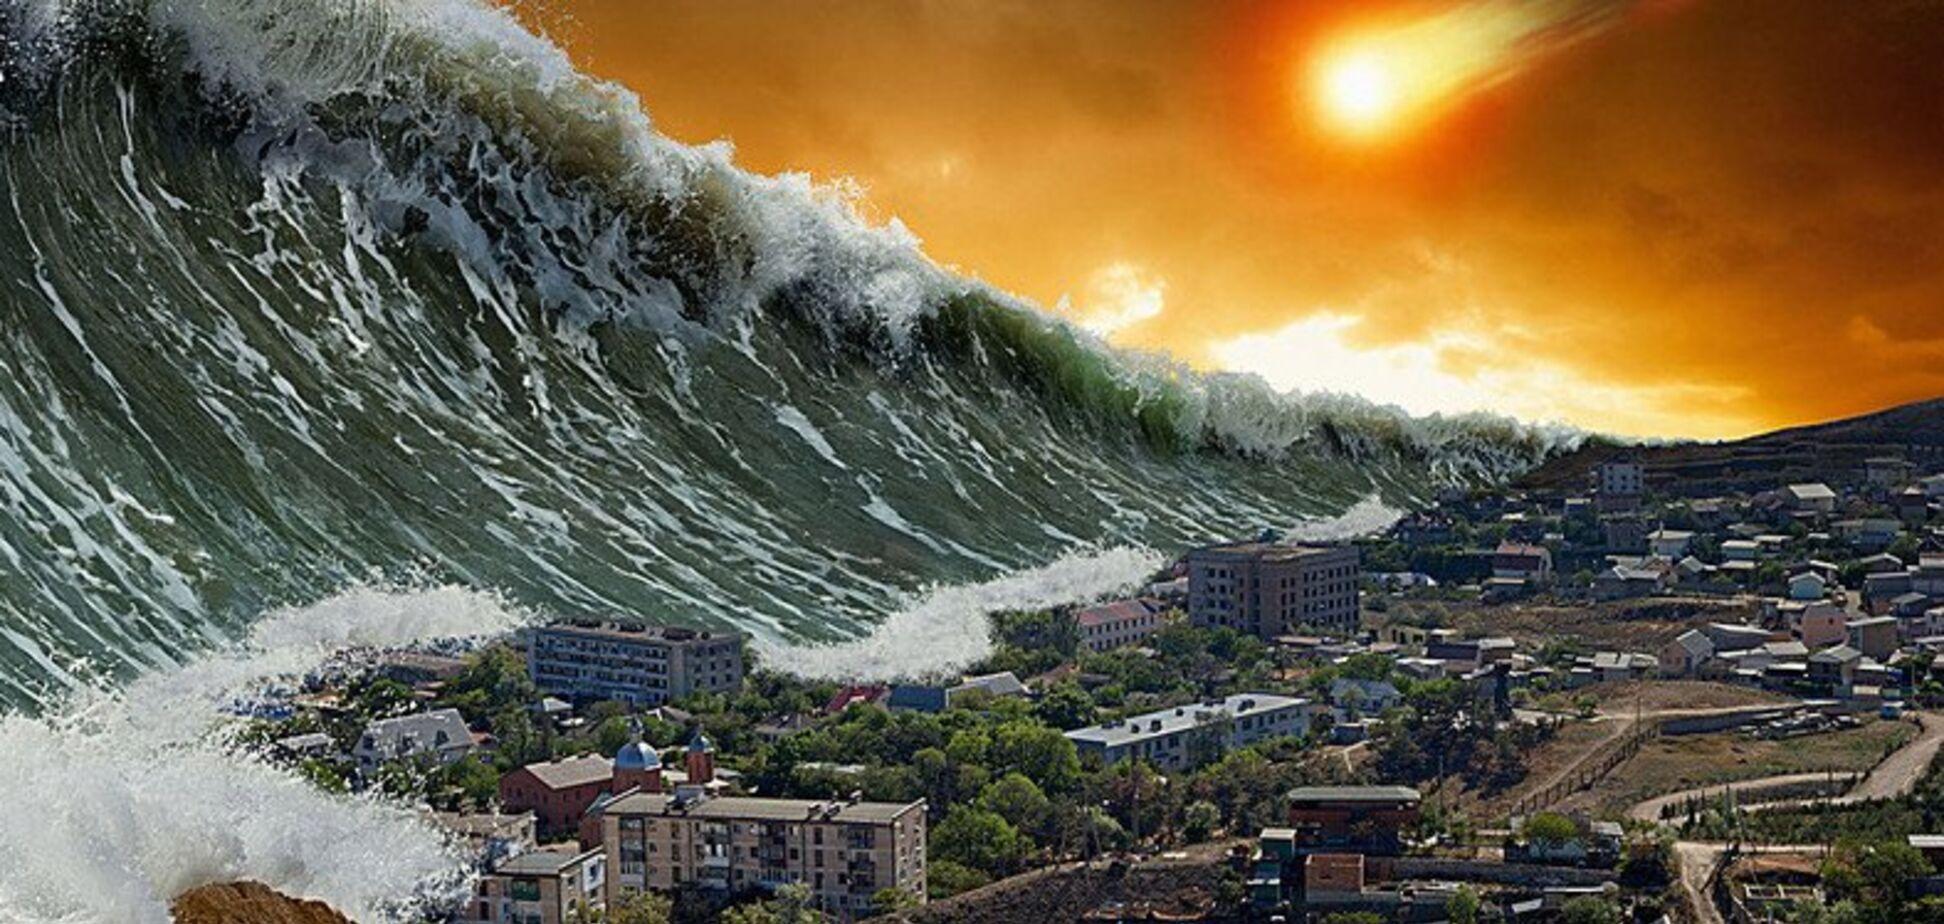 Одеський старець передбачив загибель Землі: з'явилася розшифровка страшного пророцтва